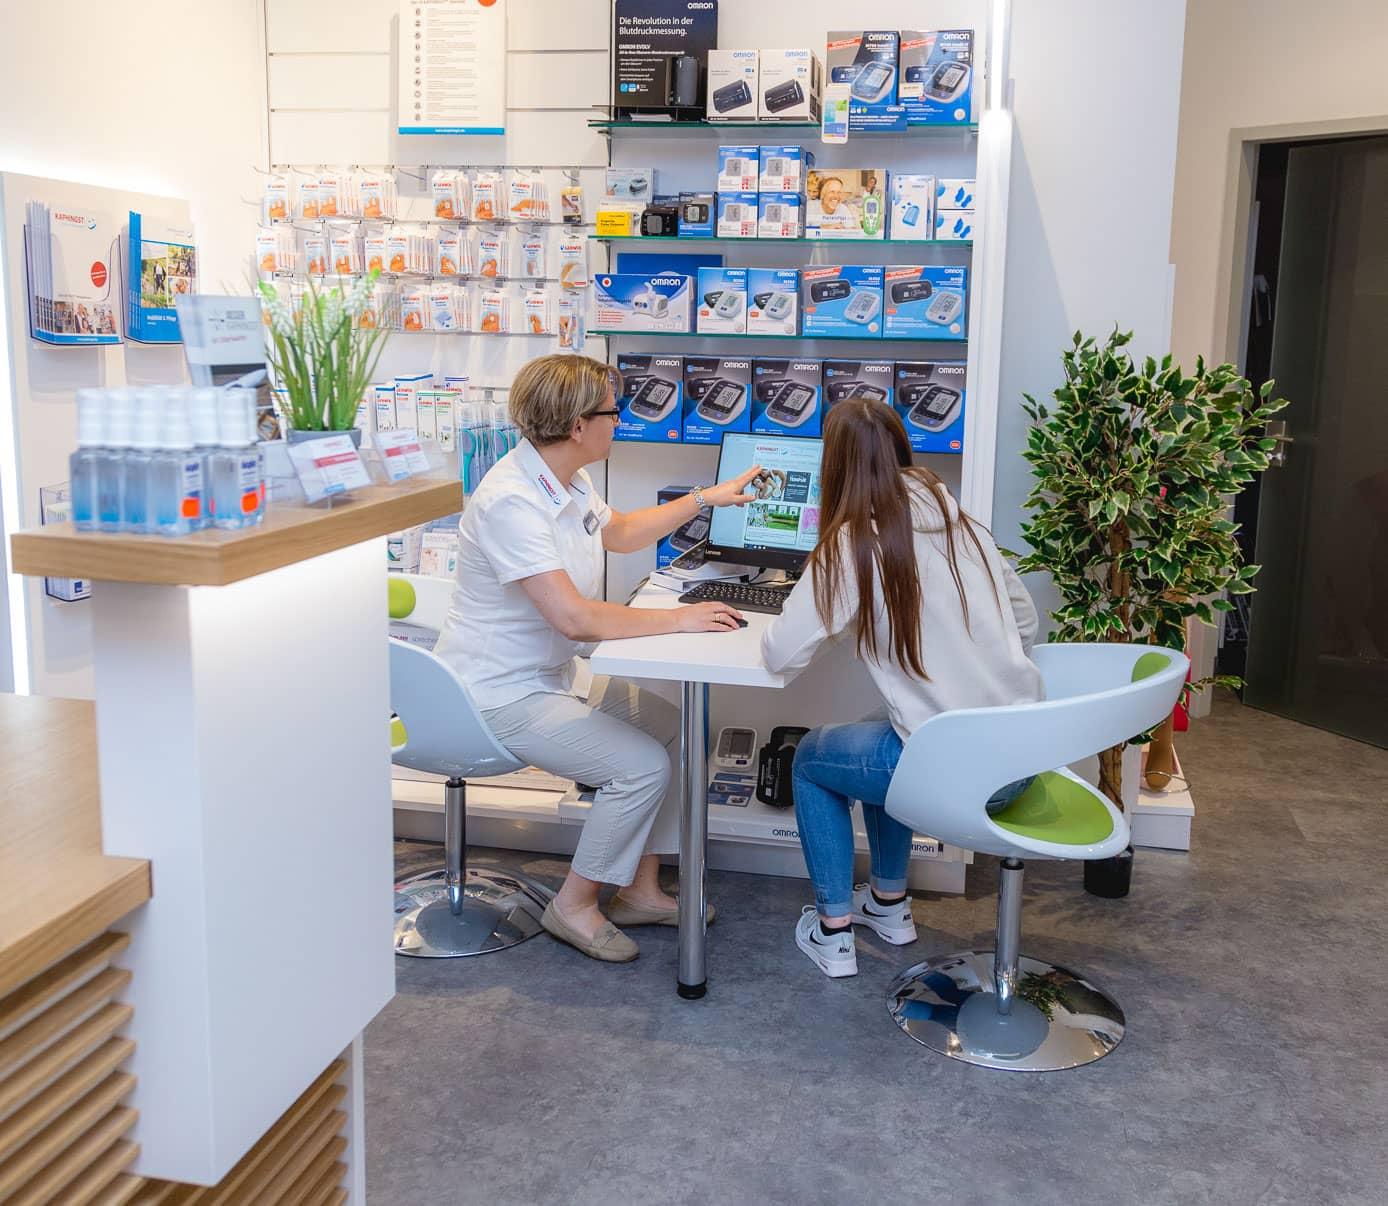 Unsere Produkte finden Sie vor Ort in unseren Gesundheitsmärkten und online.